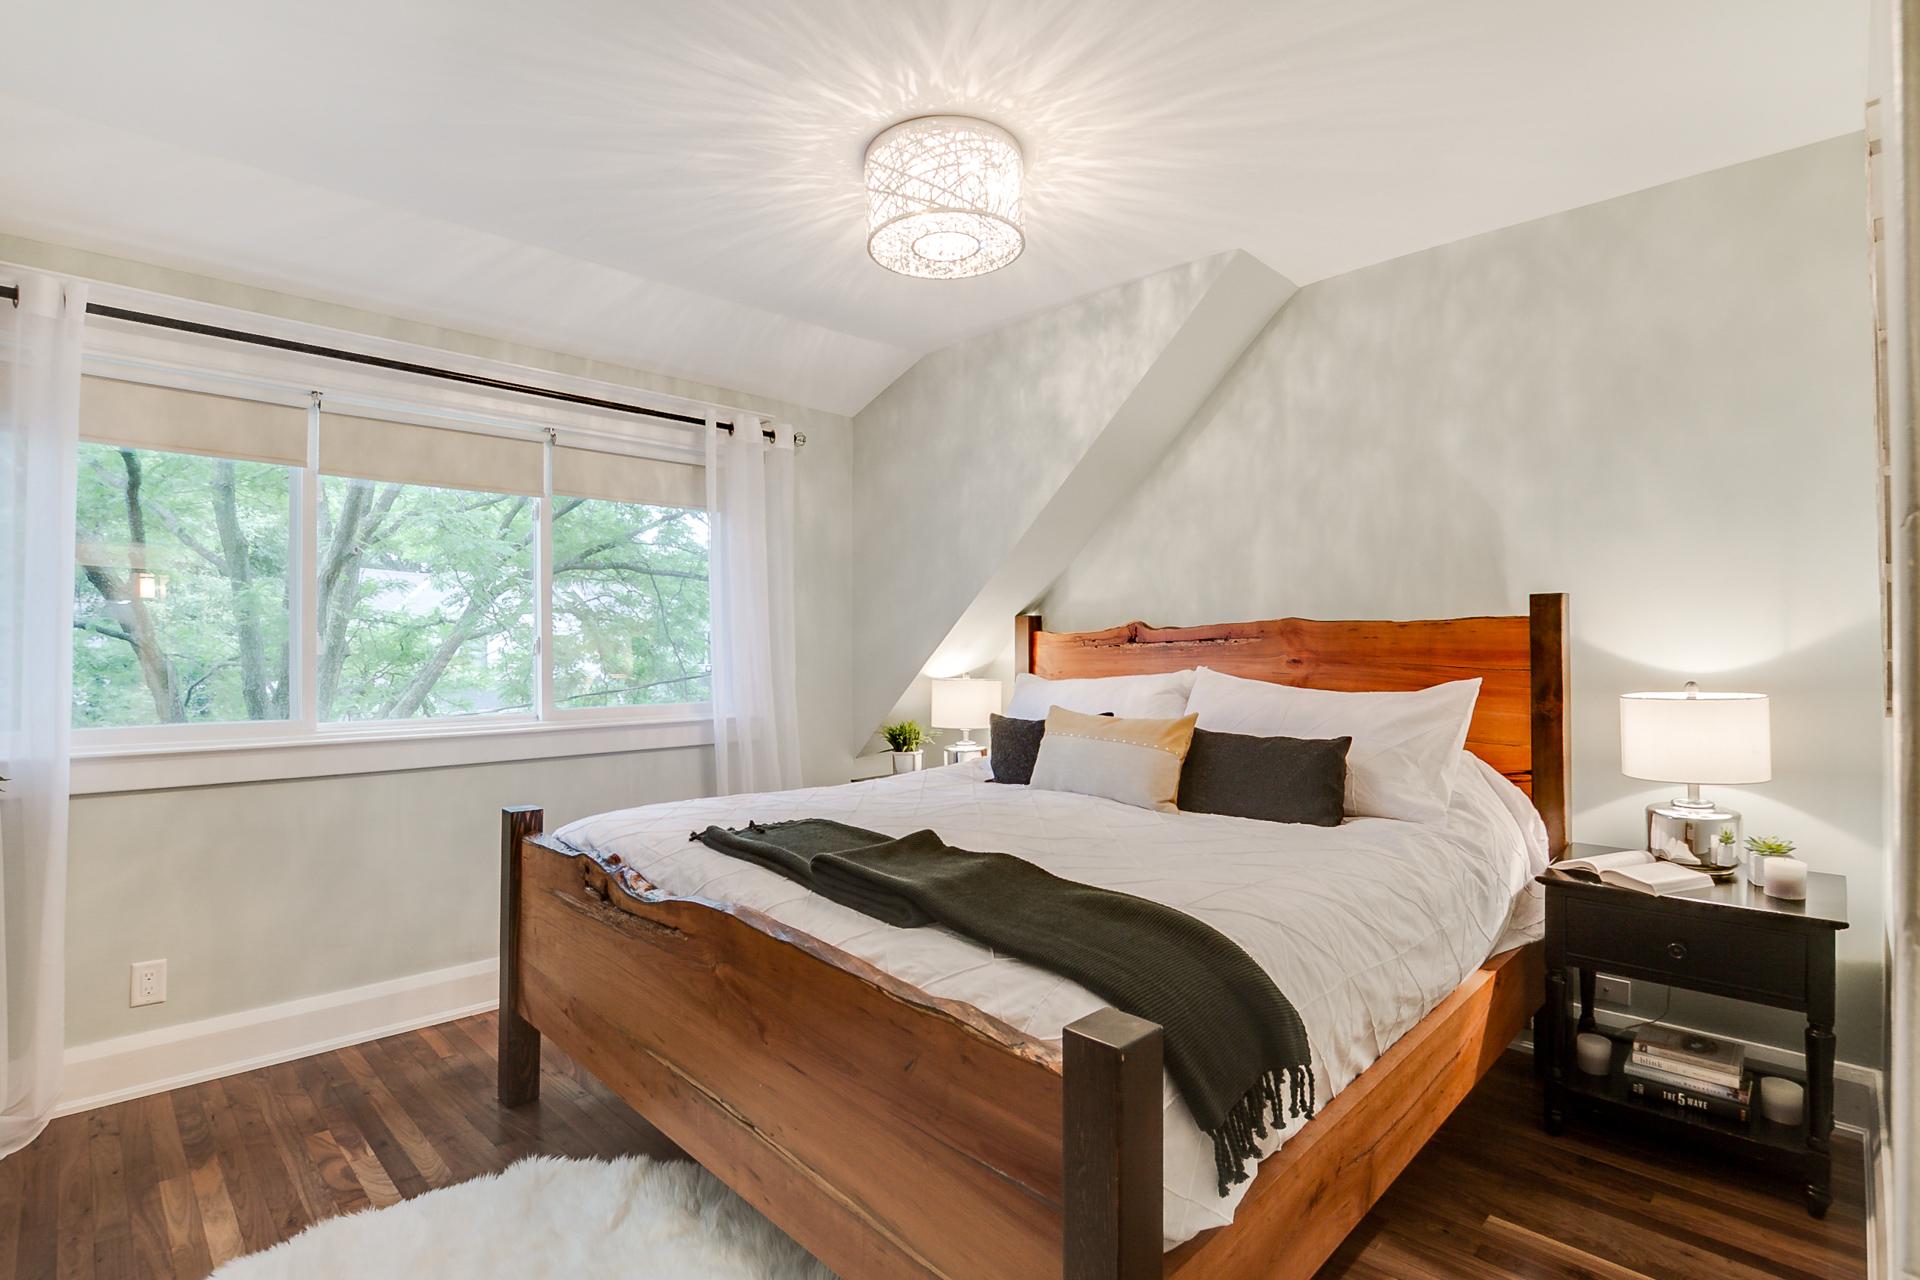 25_master_bedroom4.jpg